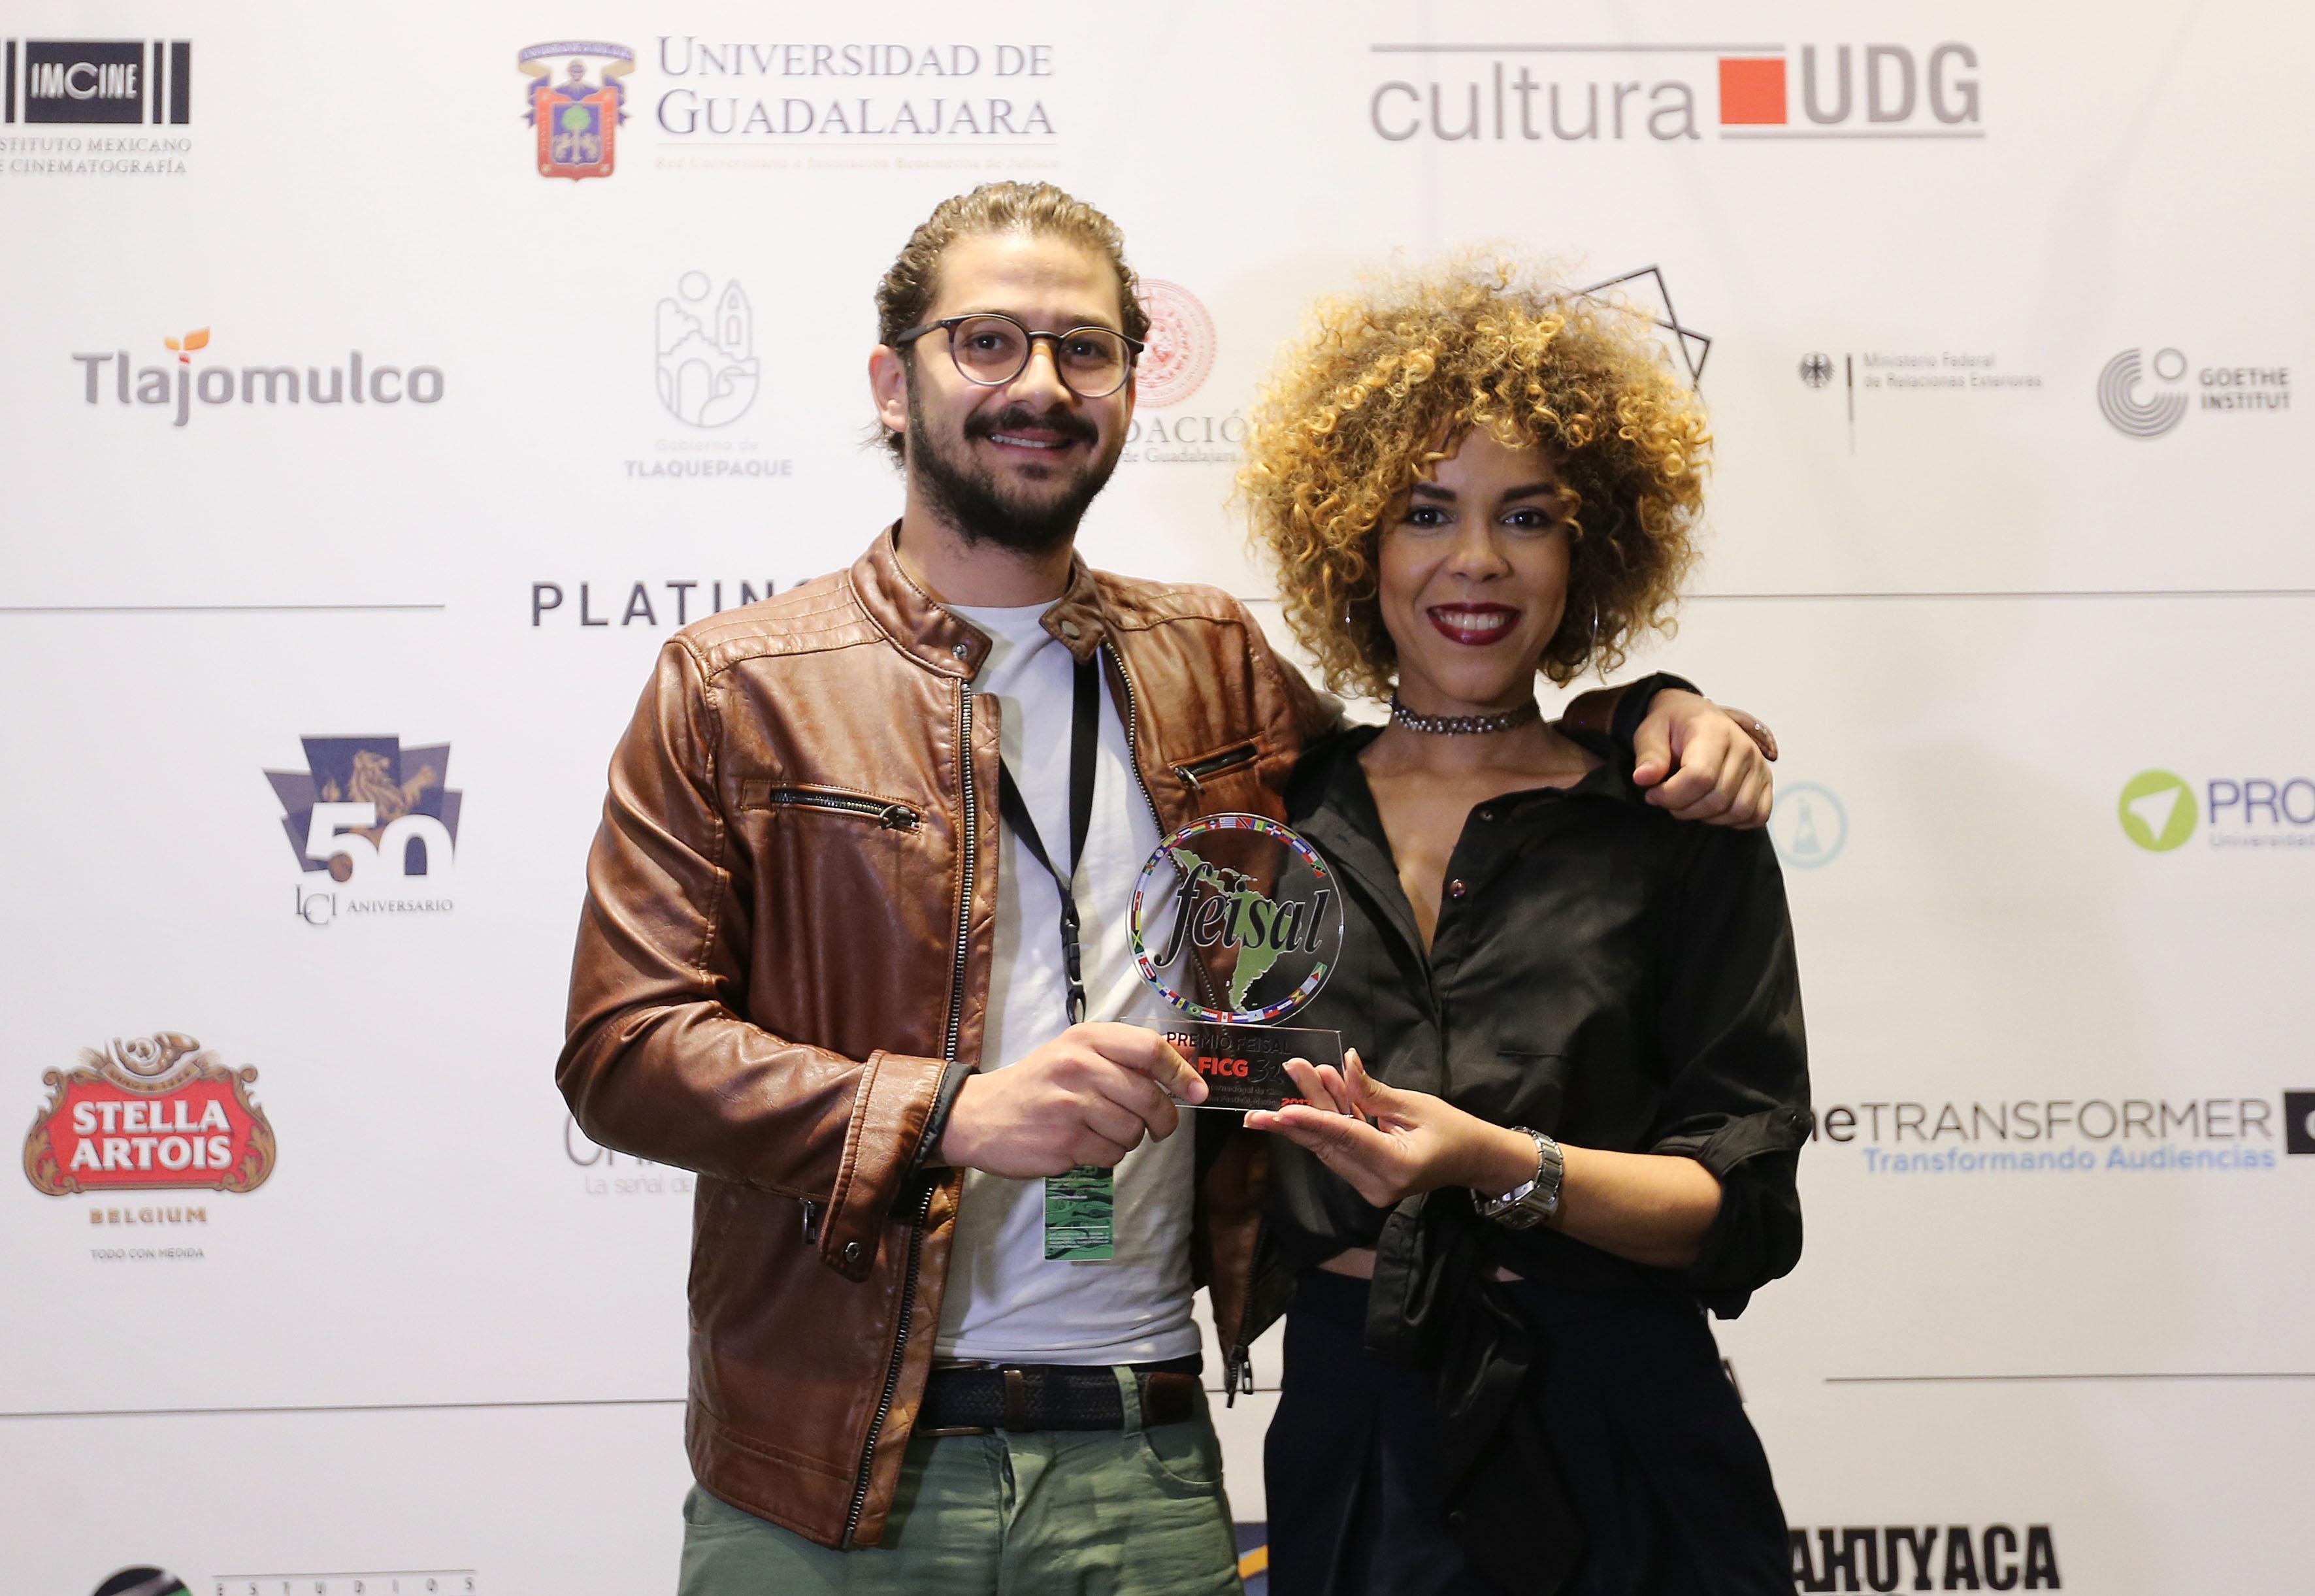 El director José María Cabral, mostrando el premio recibido por la FEISAL.